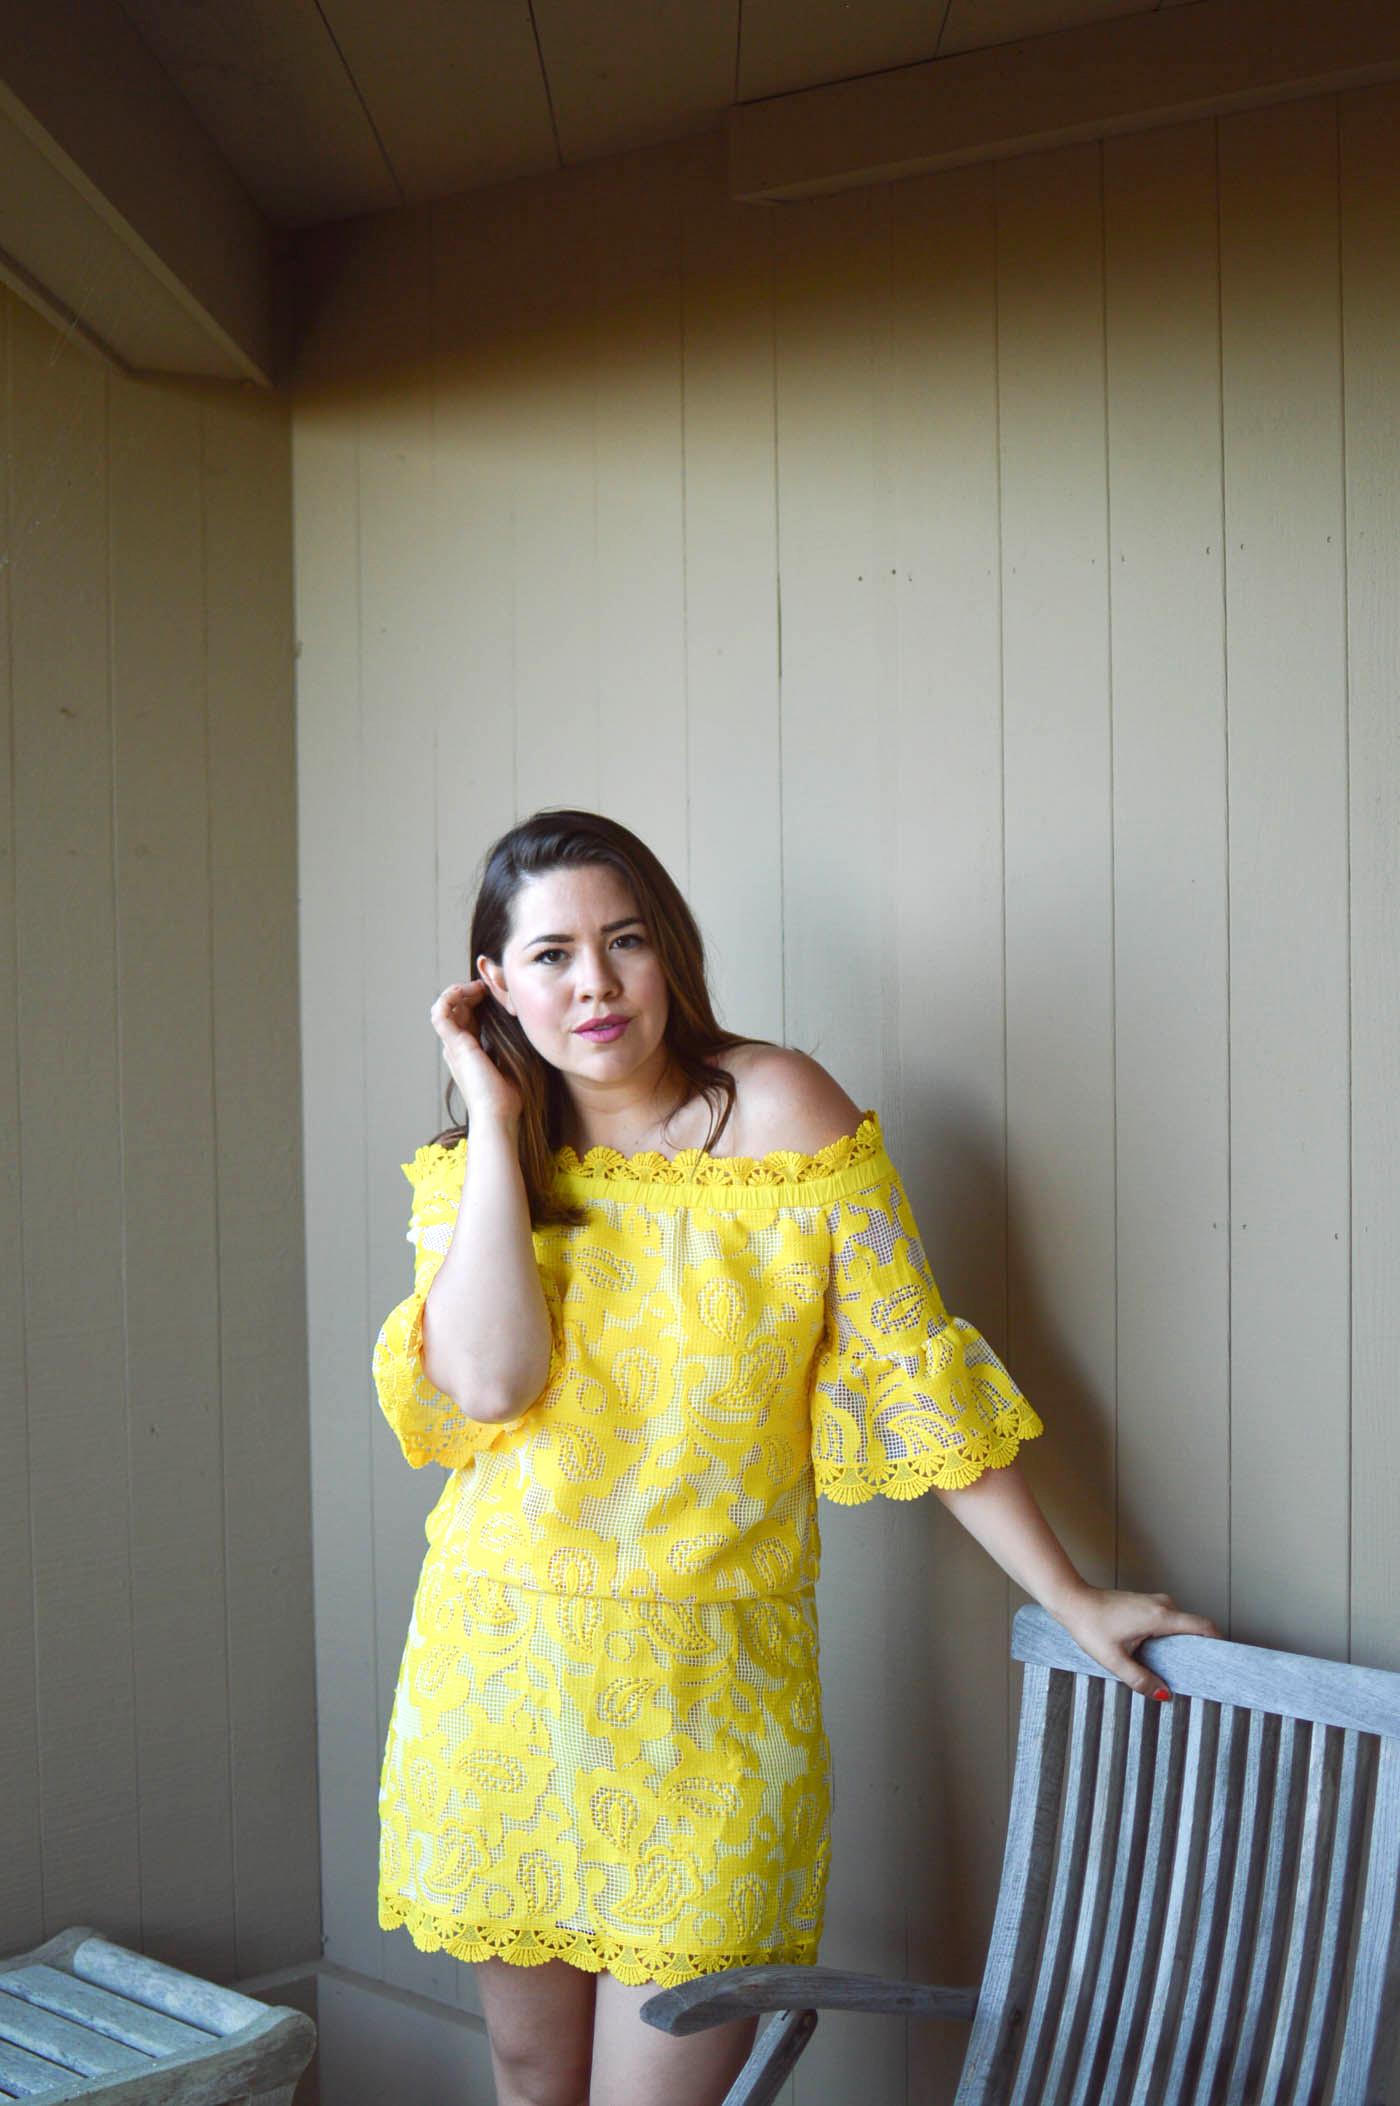 Alexis Yellow Lace Dress via. www.birdieshoots.com